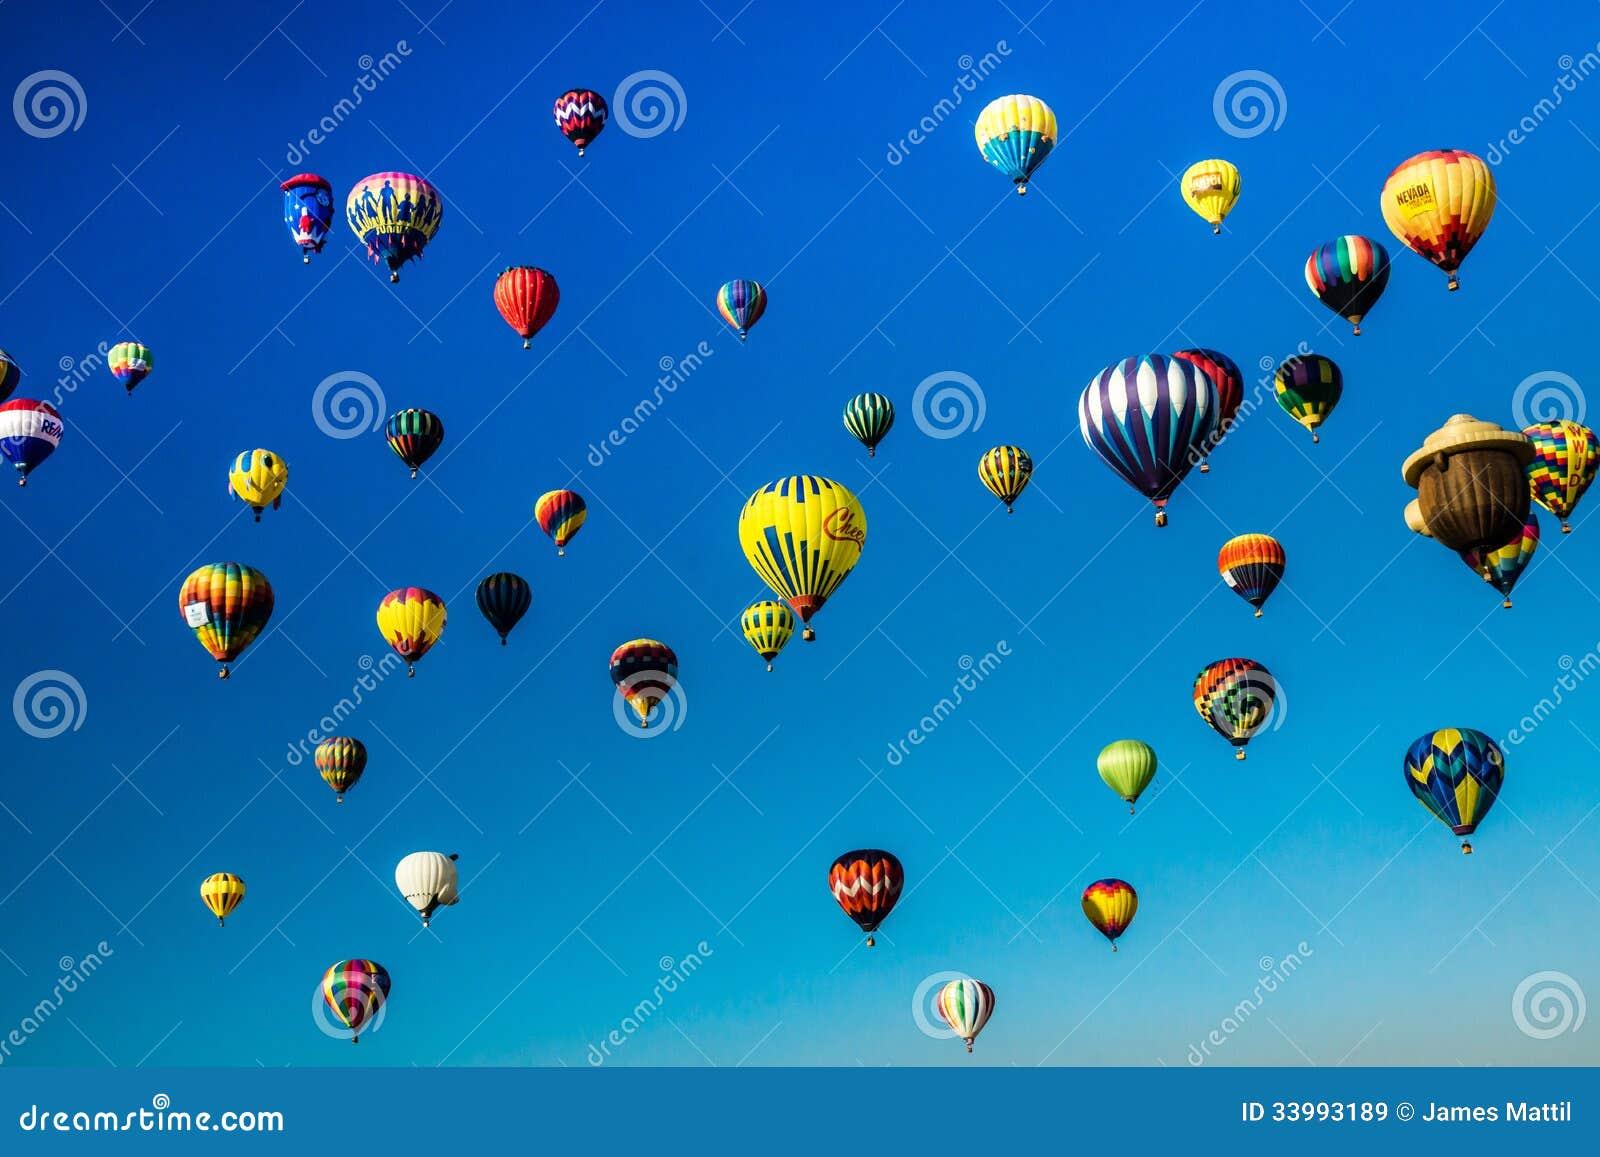 O céu está vivo com balões